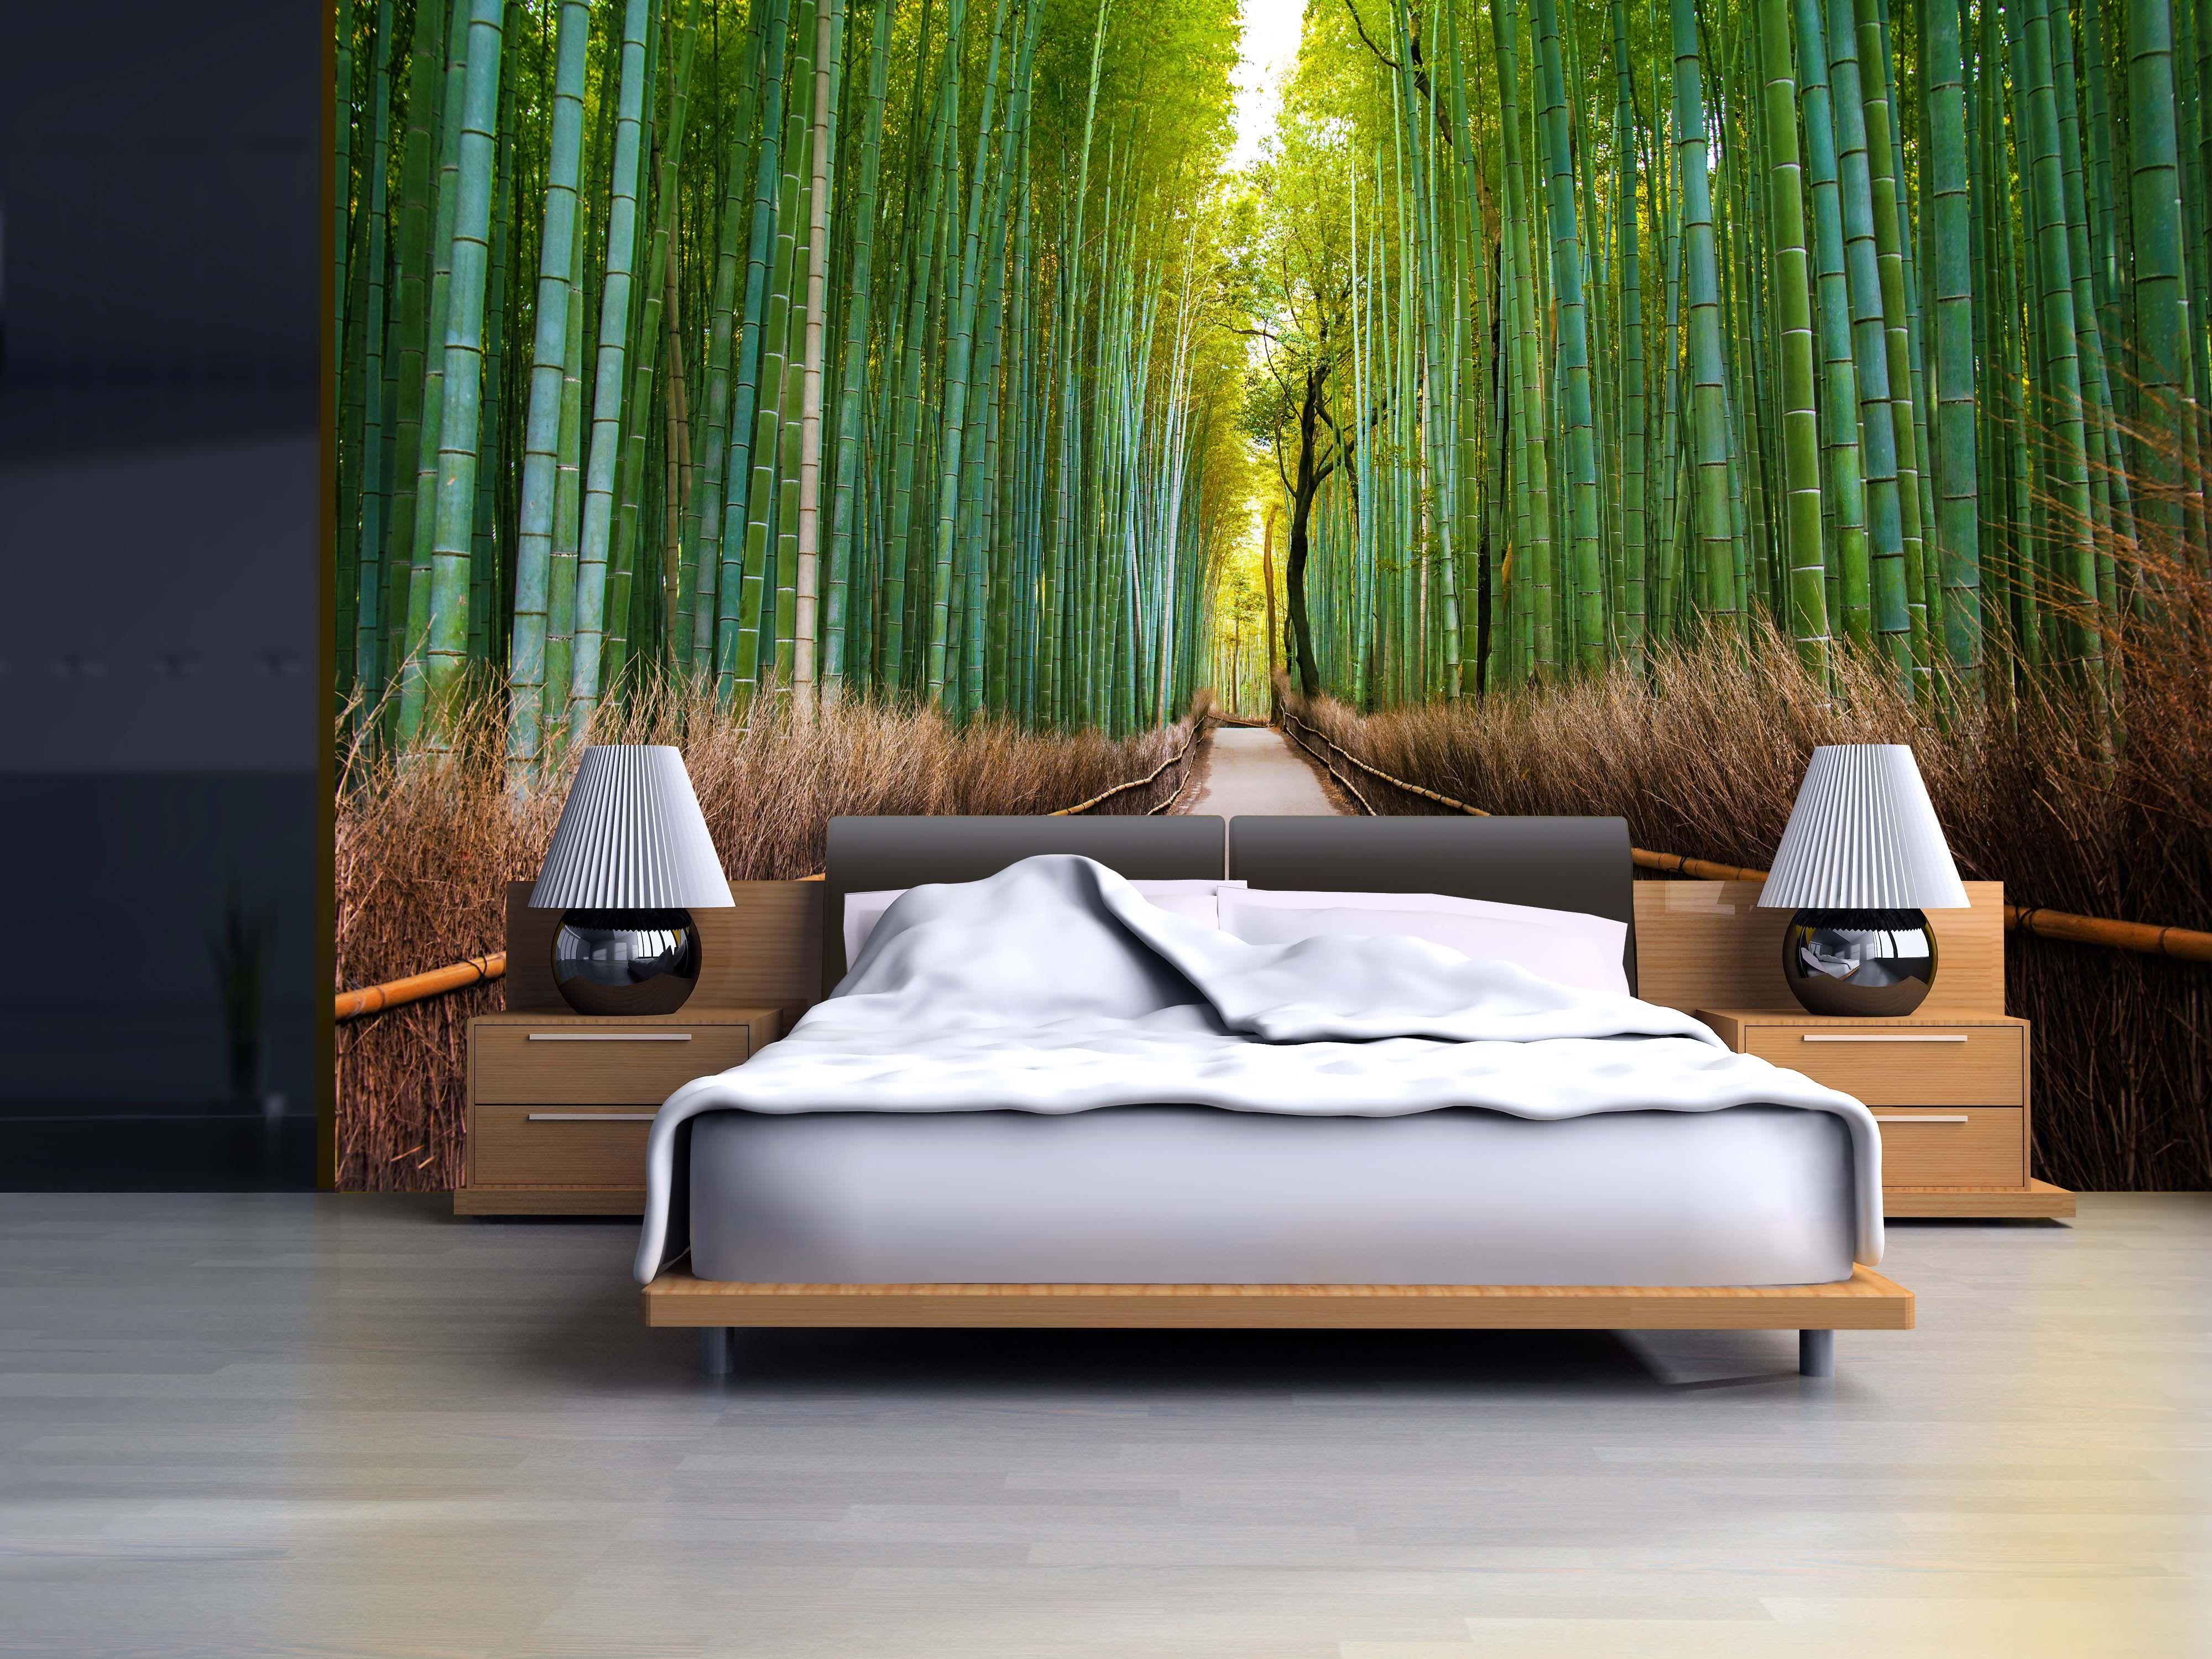 Papel mural bosque de bambu ideas para tus paredes for Papel mural autoadhesivo santiago